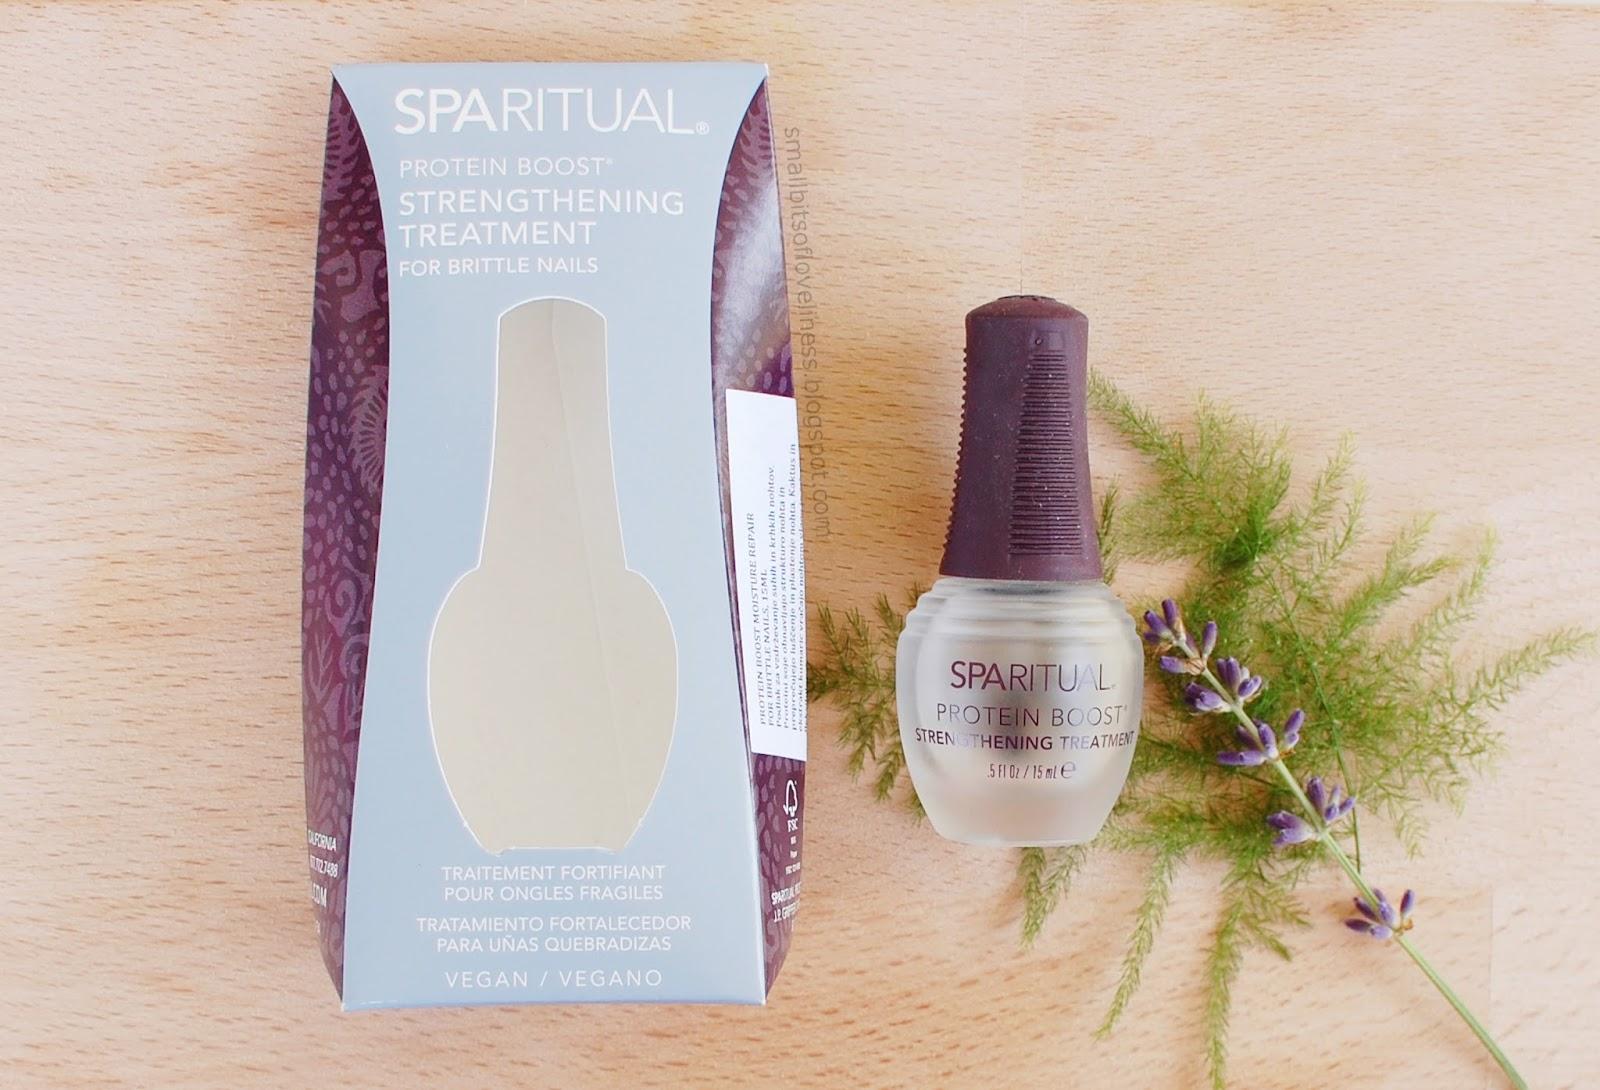 SpaRitual Protein Boost Moisture Repair for Brittle Nails, Podlak za vzdrževanje suhih in krhkih nohtov